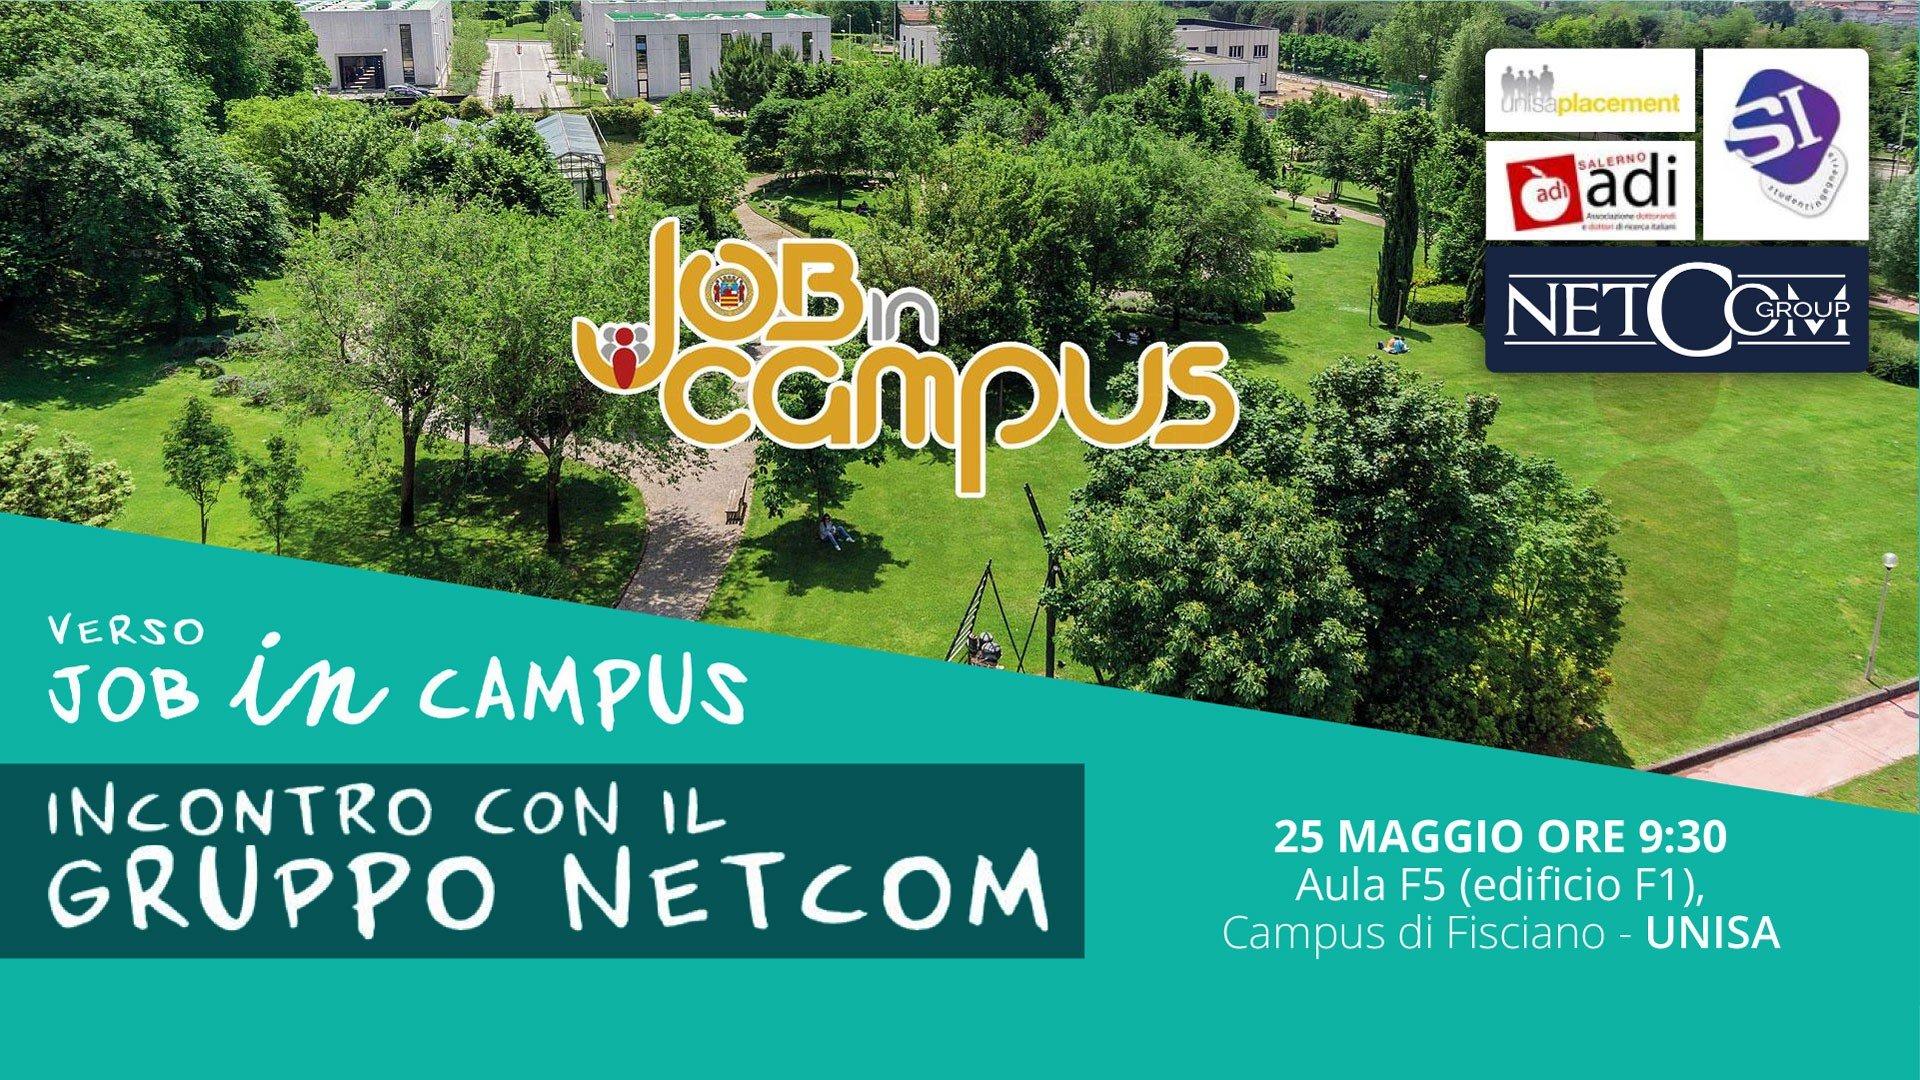 VERSO JOB IN CAMPUS | 25 MAGGIO, INCONTRO CON IL GRUPPO NETCOM PRESSO IL CAMPUS UNISA